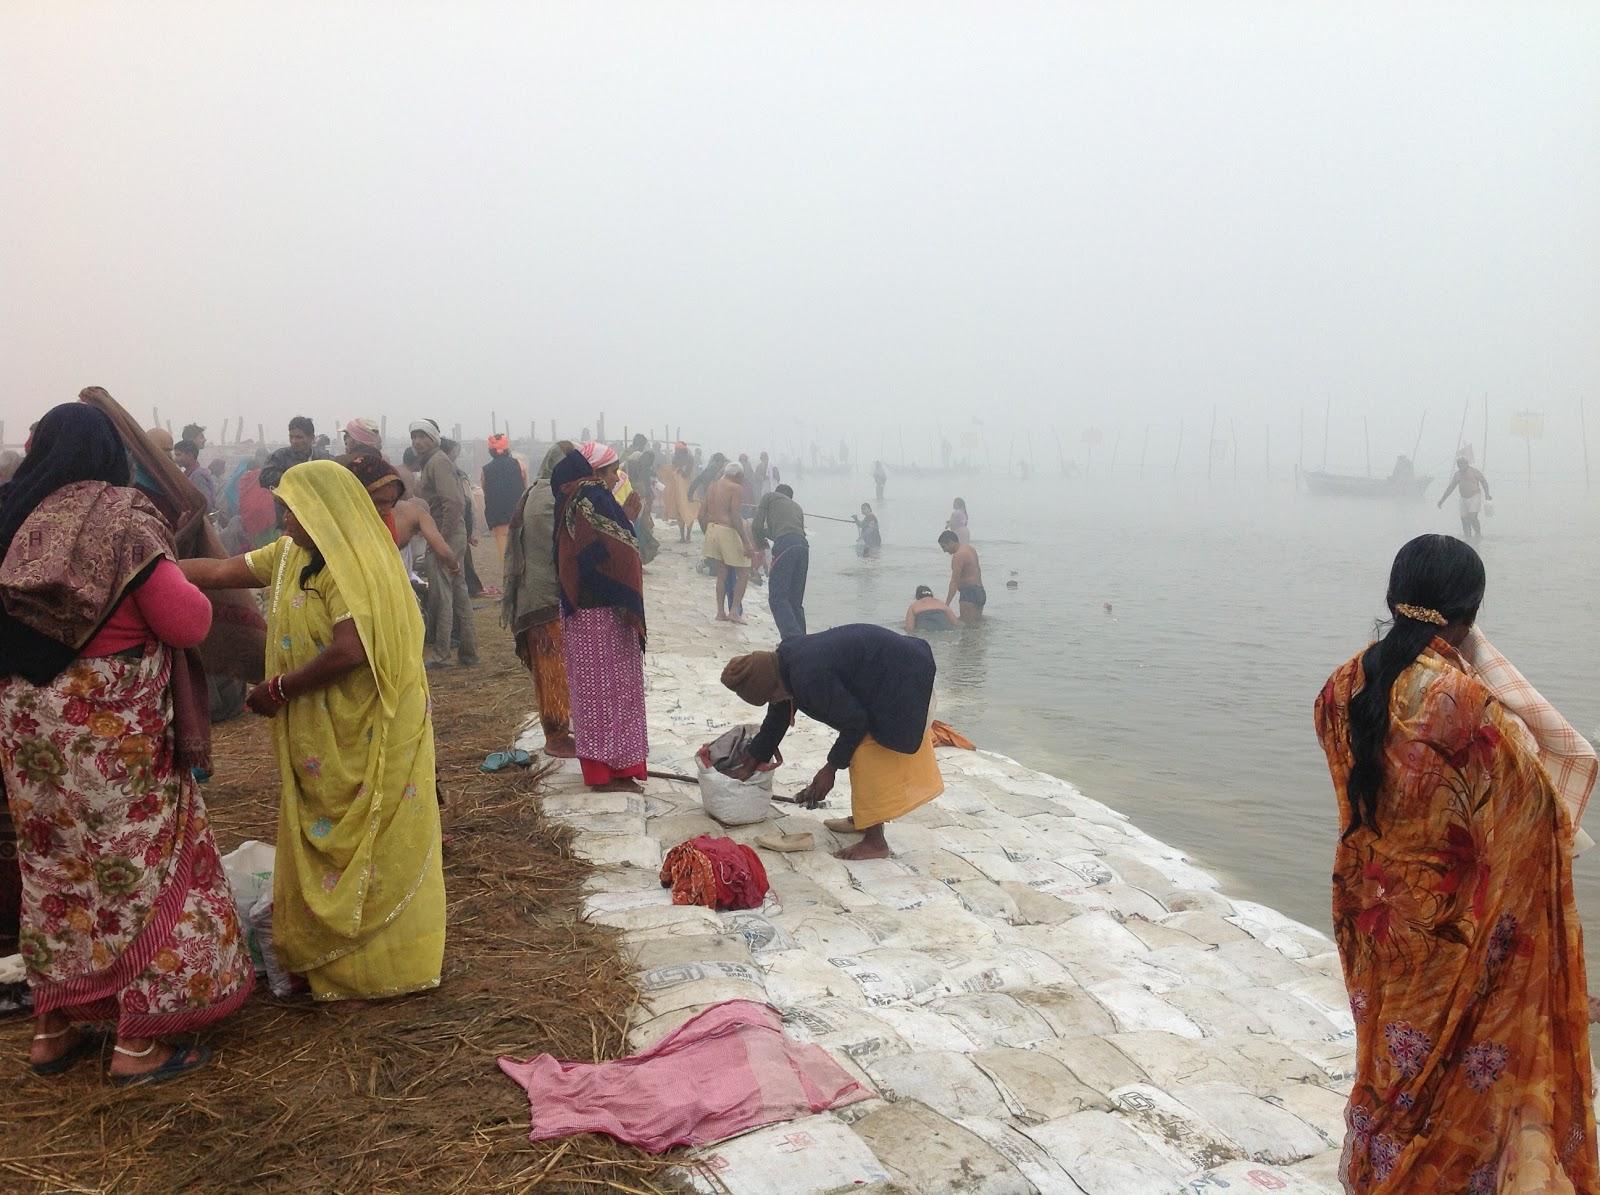 When Pigs Fly : Kumbh Mela Festival